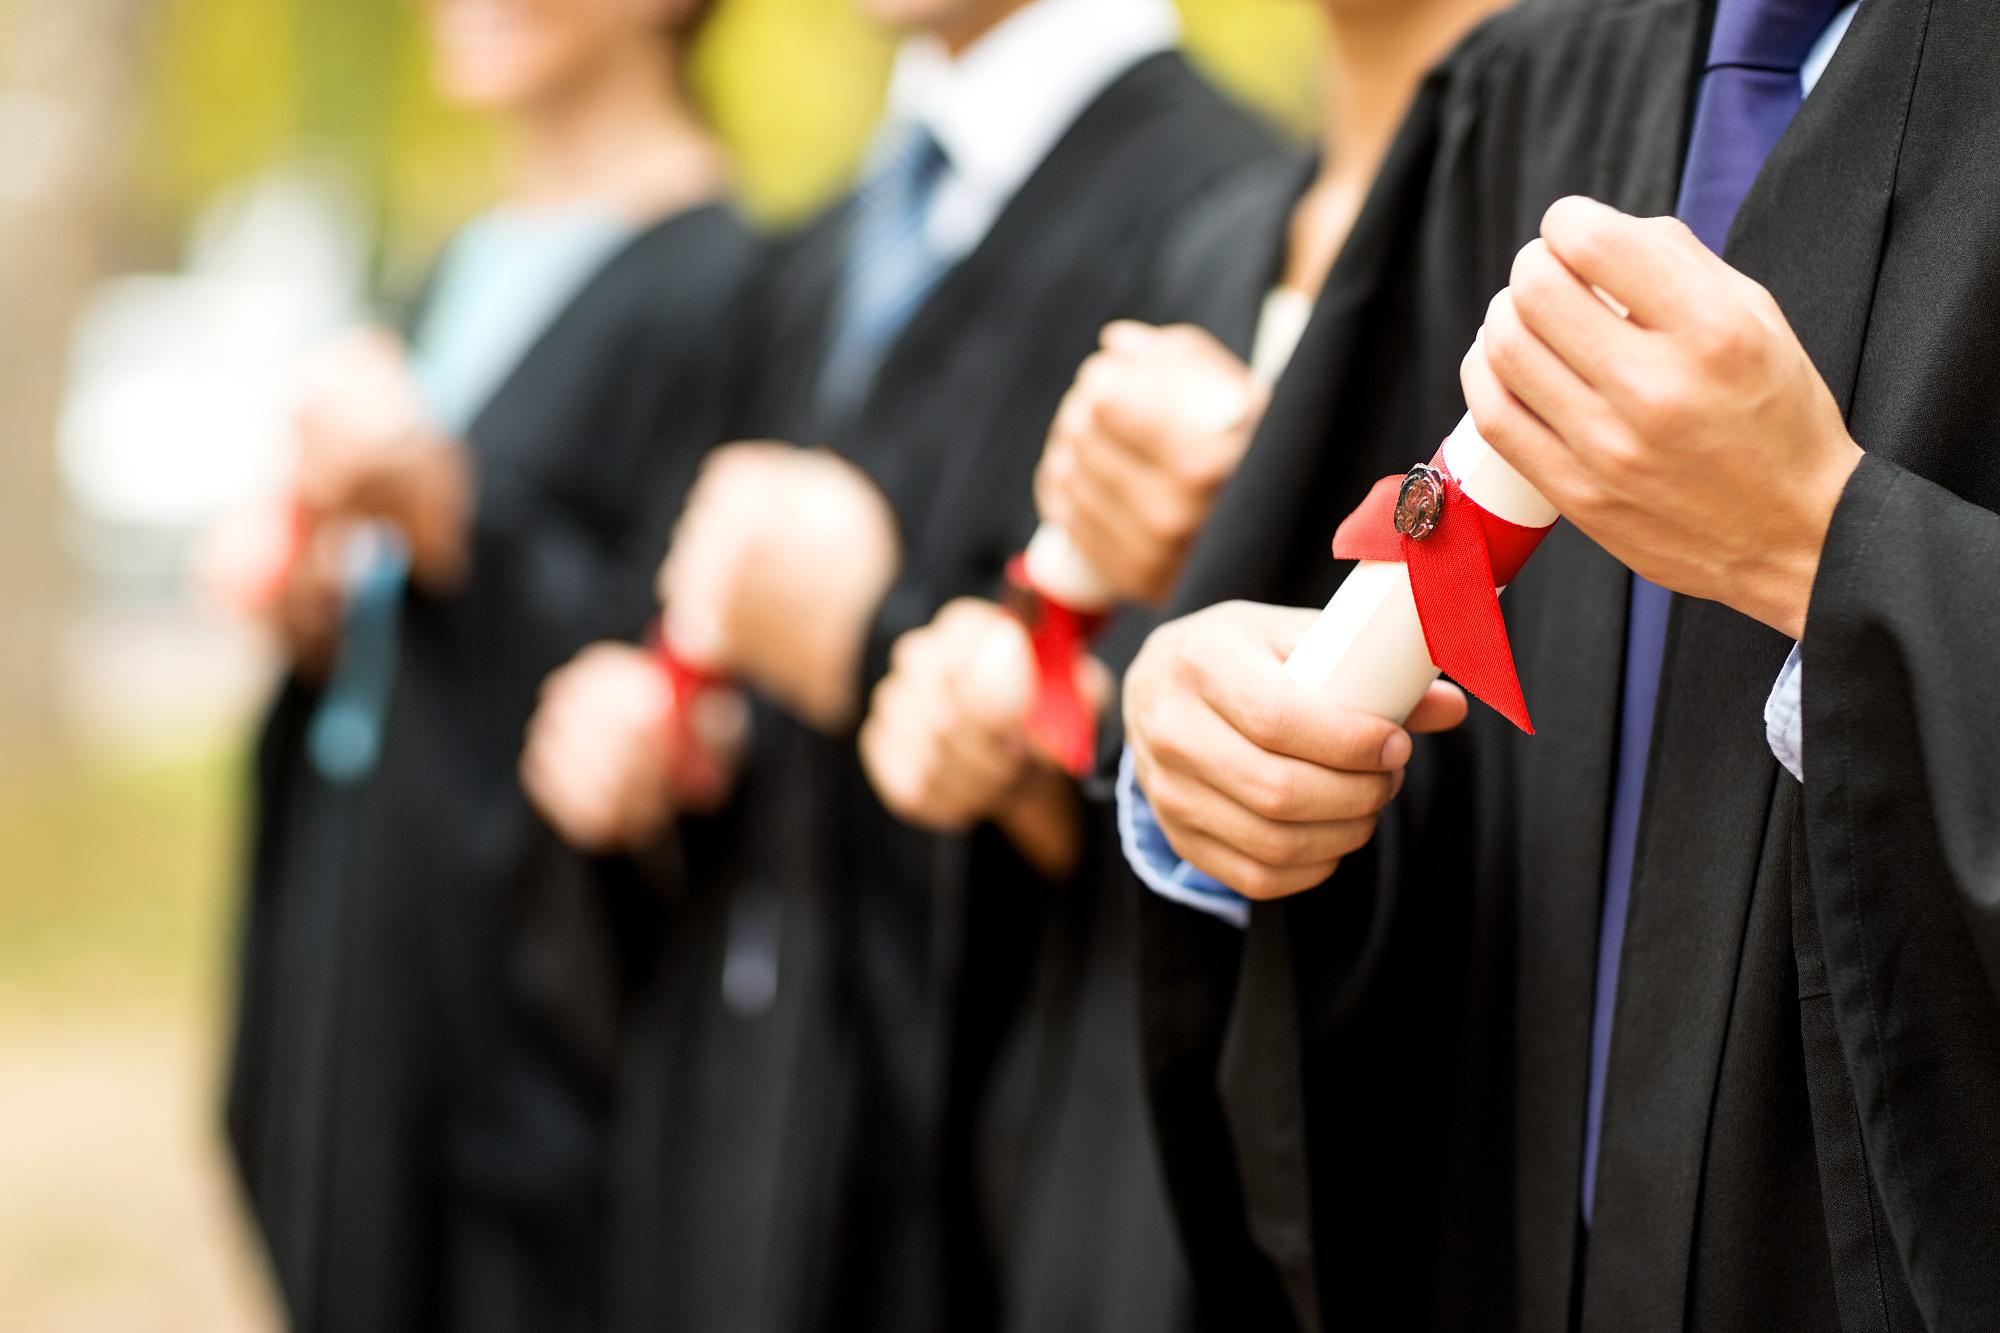 疫情时期如何保障高校毕业生就业